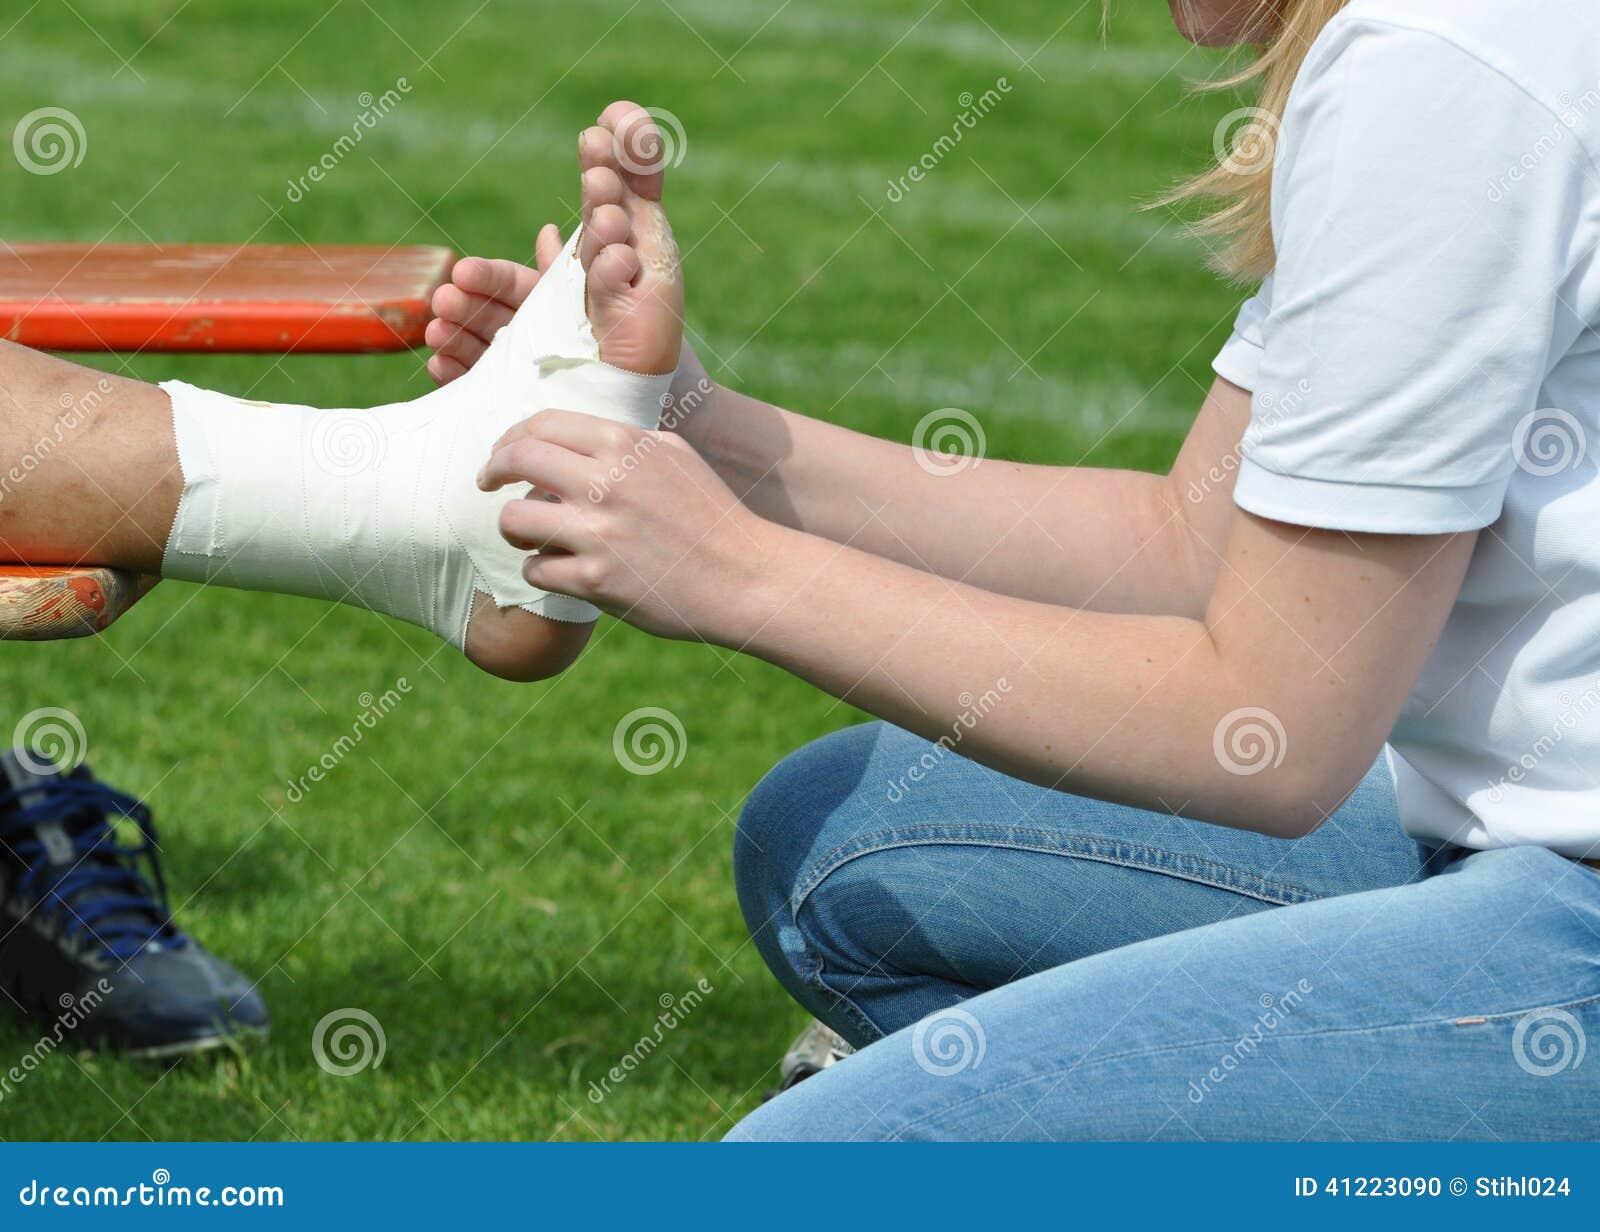 Enfaixando uma junção de tornozelo